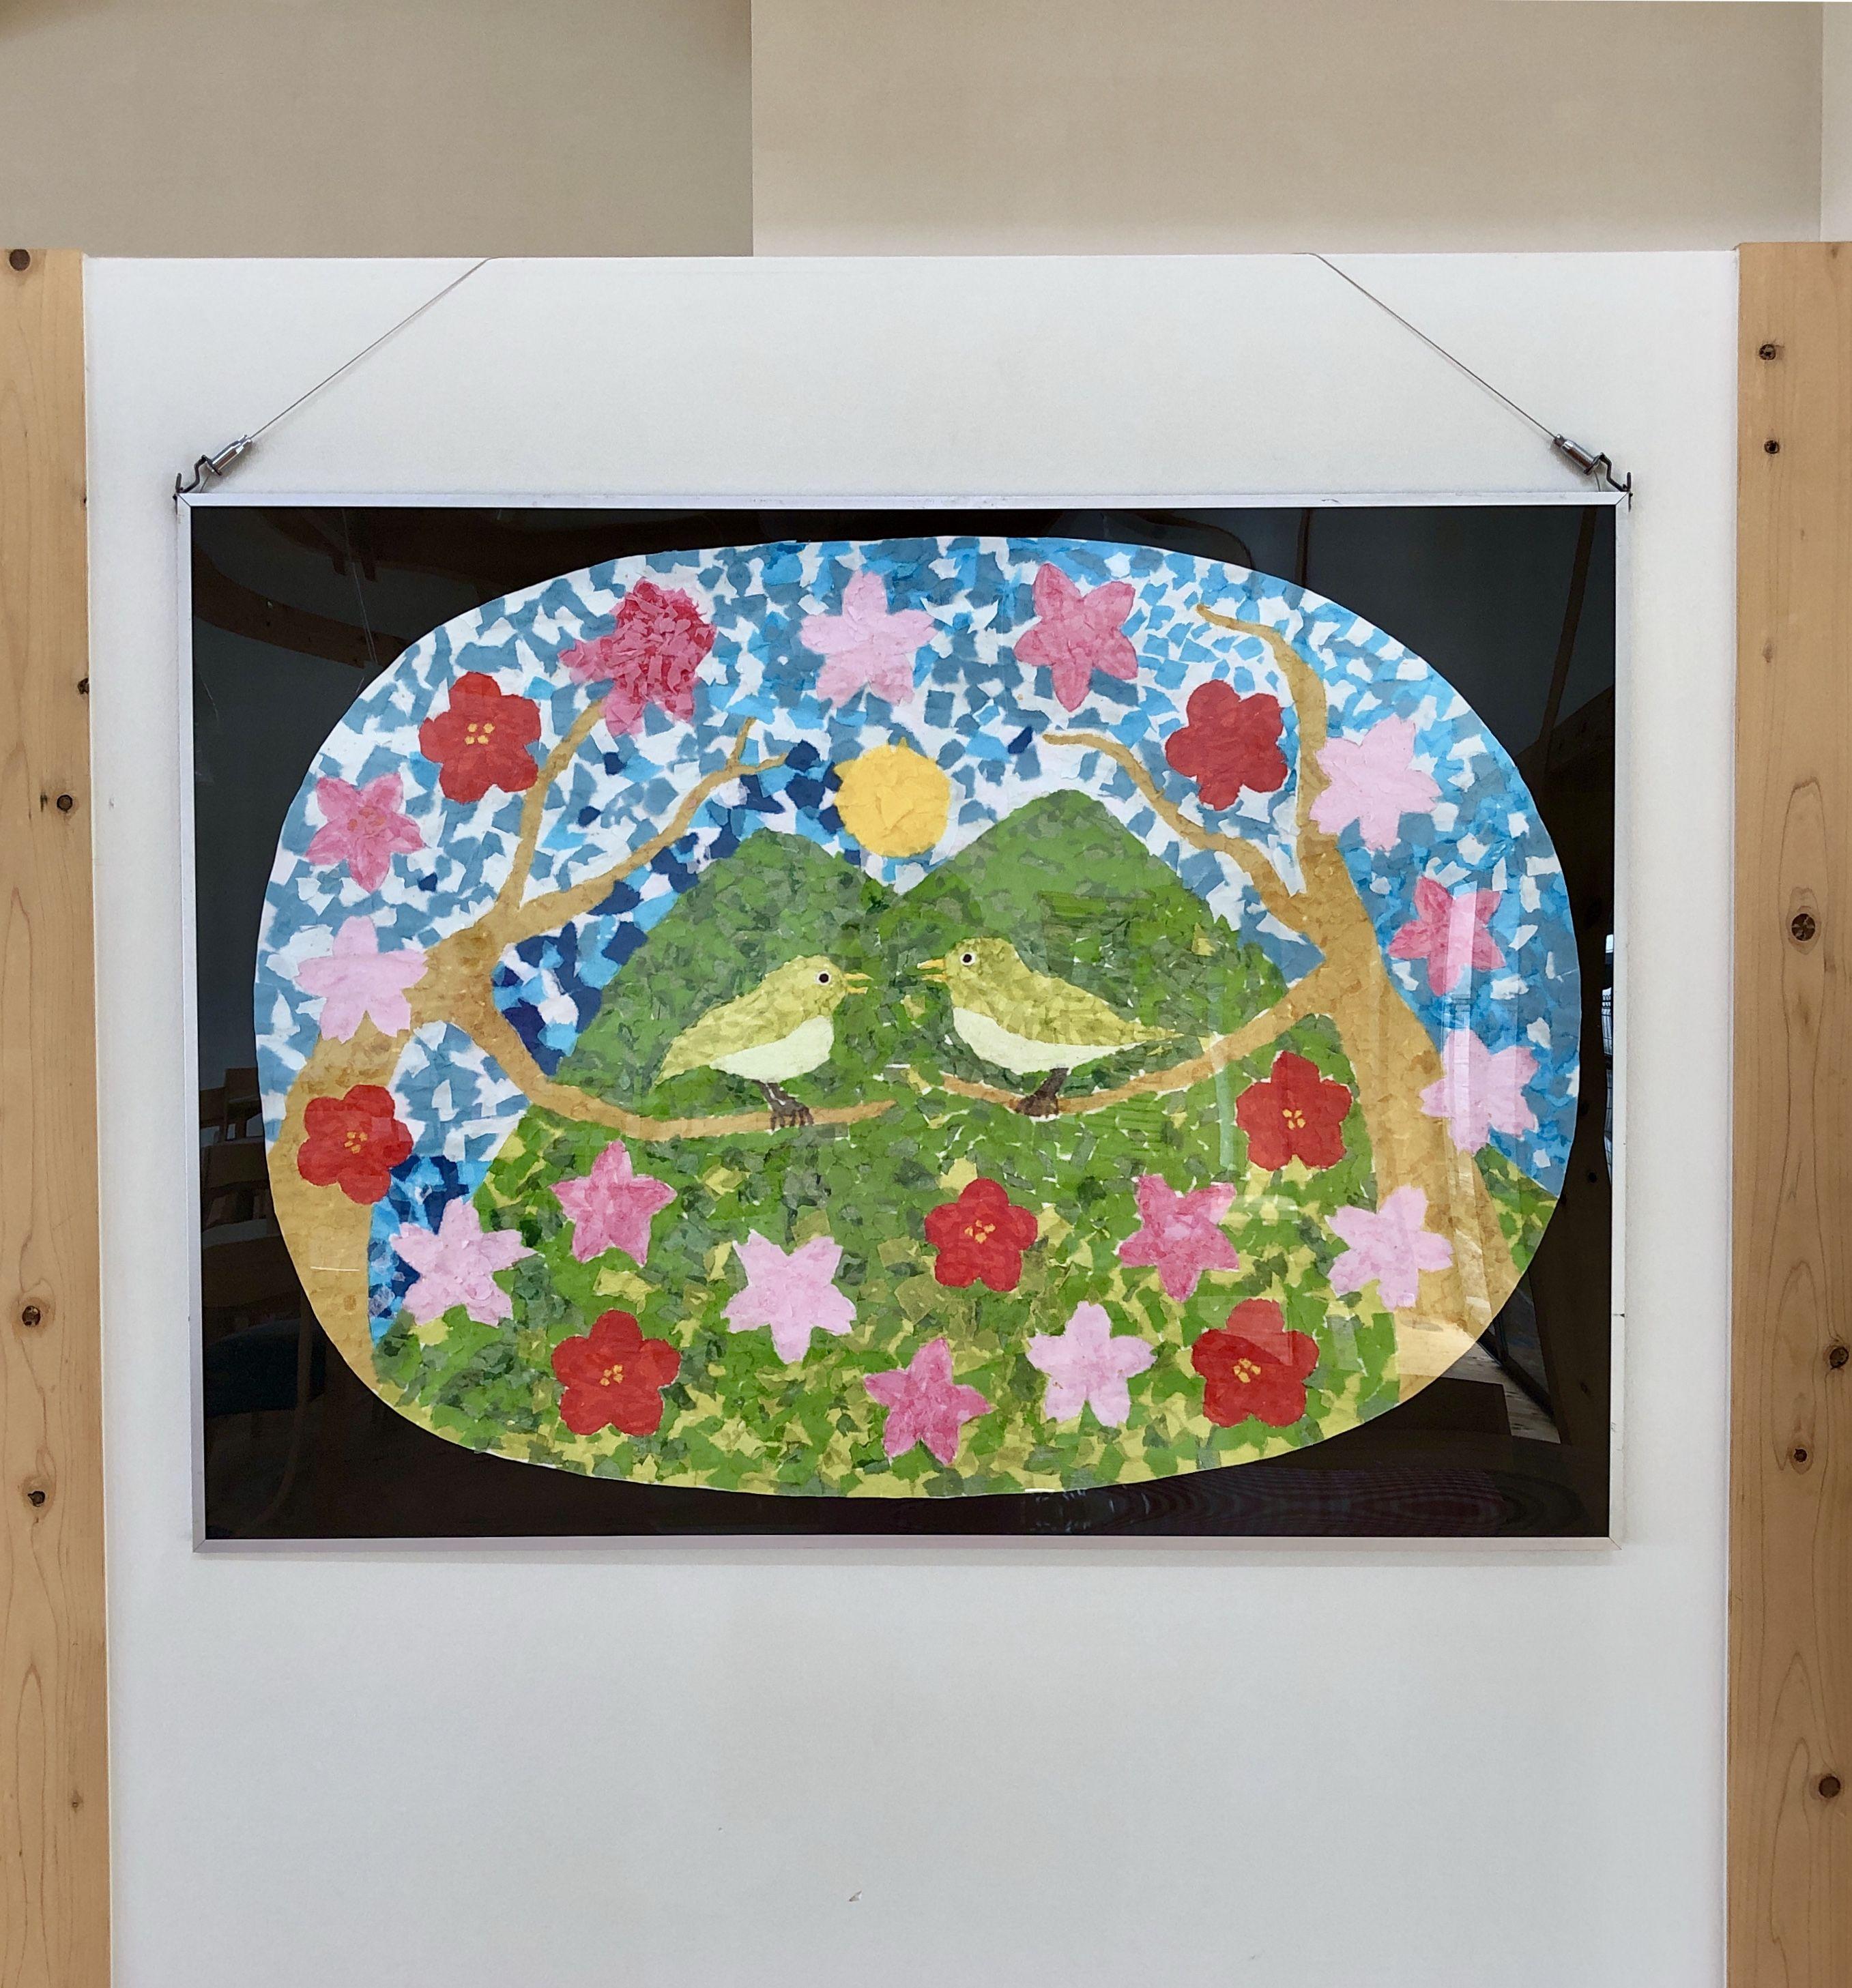 自分が下絵を描いて スタッフと利用者のみんなで制作した季節の貼り絵 ちぎり絵 を 施設の食堂に飾りました 今回は春がテーマで メジロや桜 桃 梅の花を描いています ただ今 夏がテーマの作品を制作中です 春の貼り絵 ちぎり絵 Spring Paper Art Collage